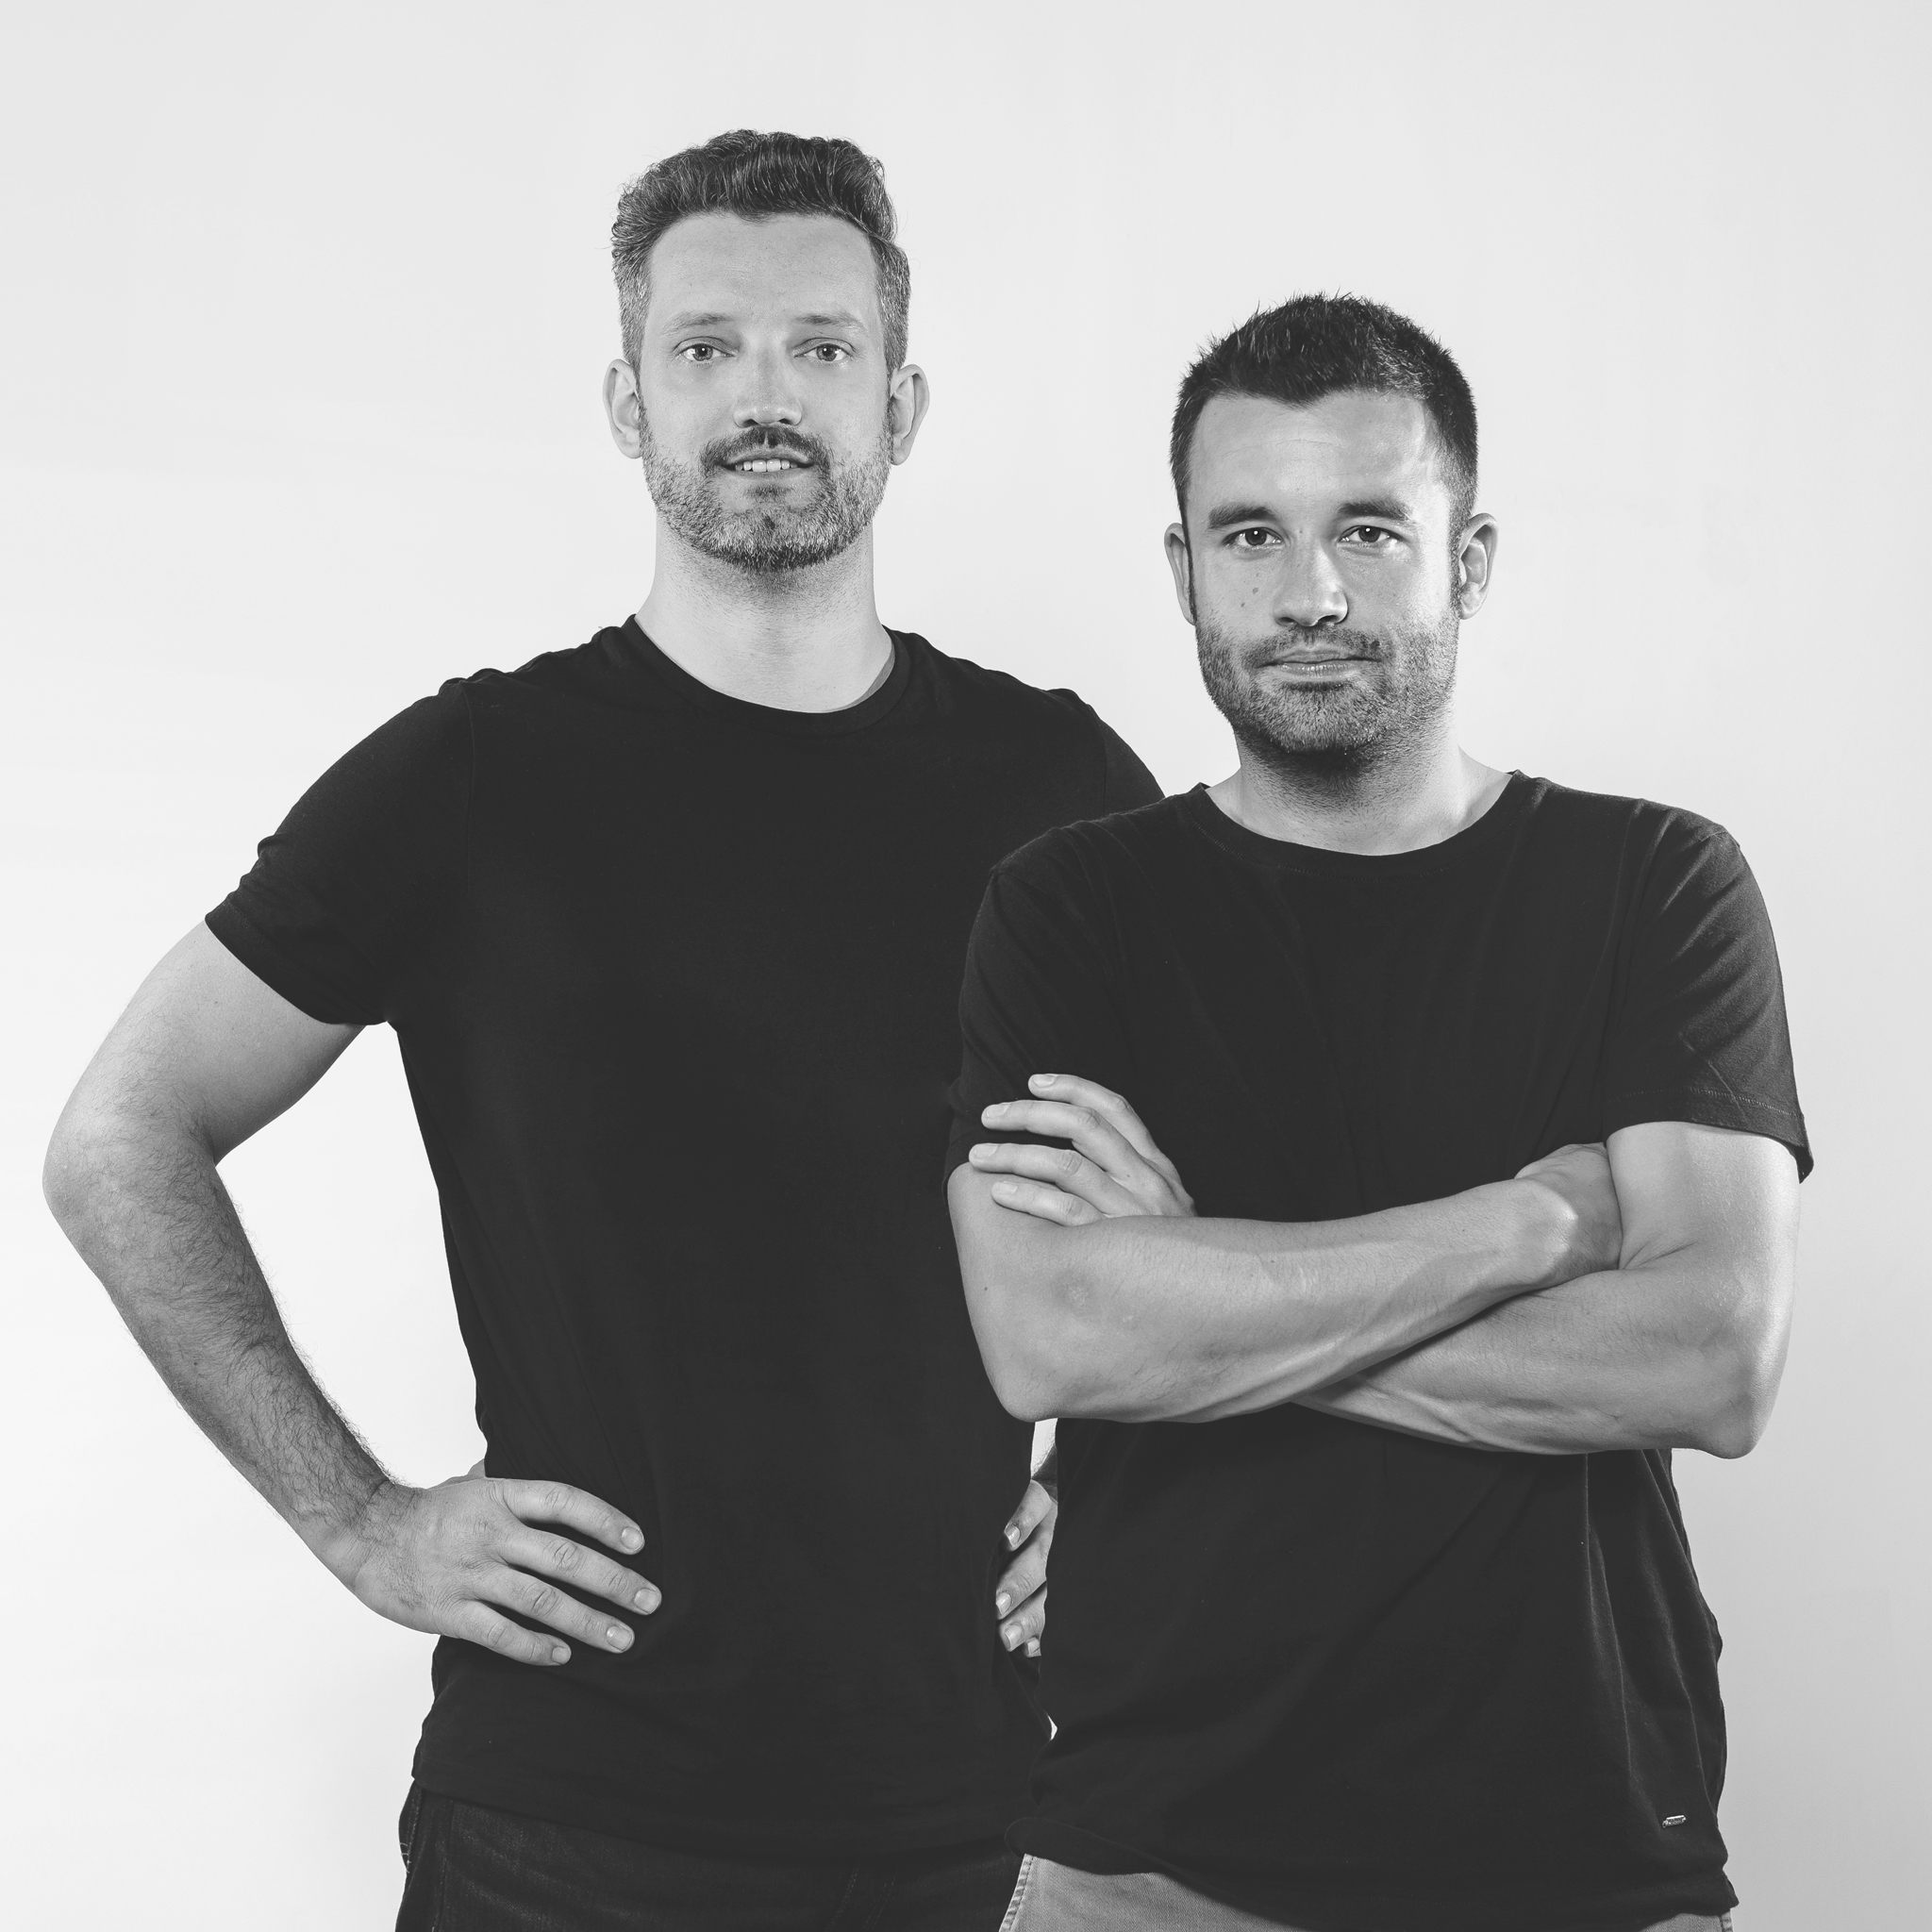 Beyto Geschäftsführung_Claudius Konopka und Maik Metzen_web